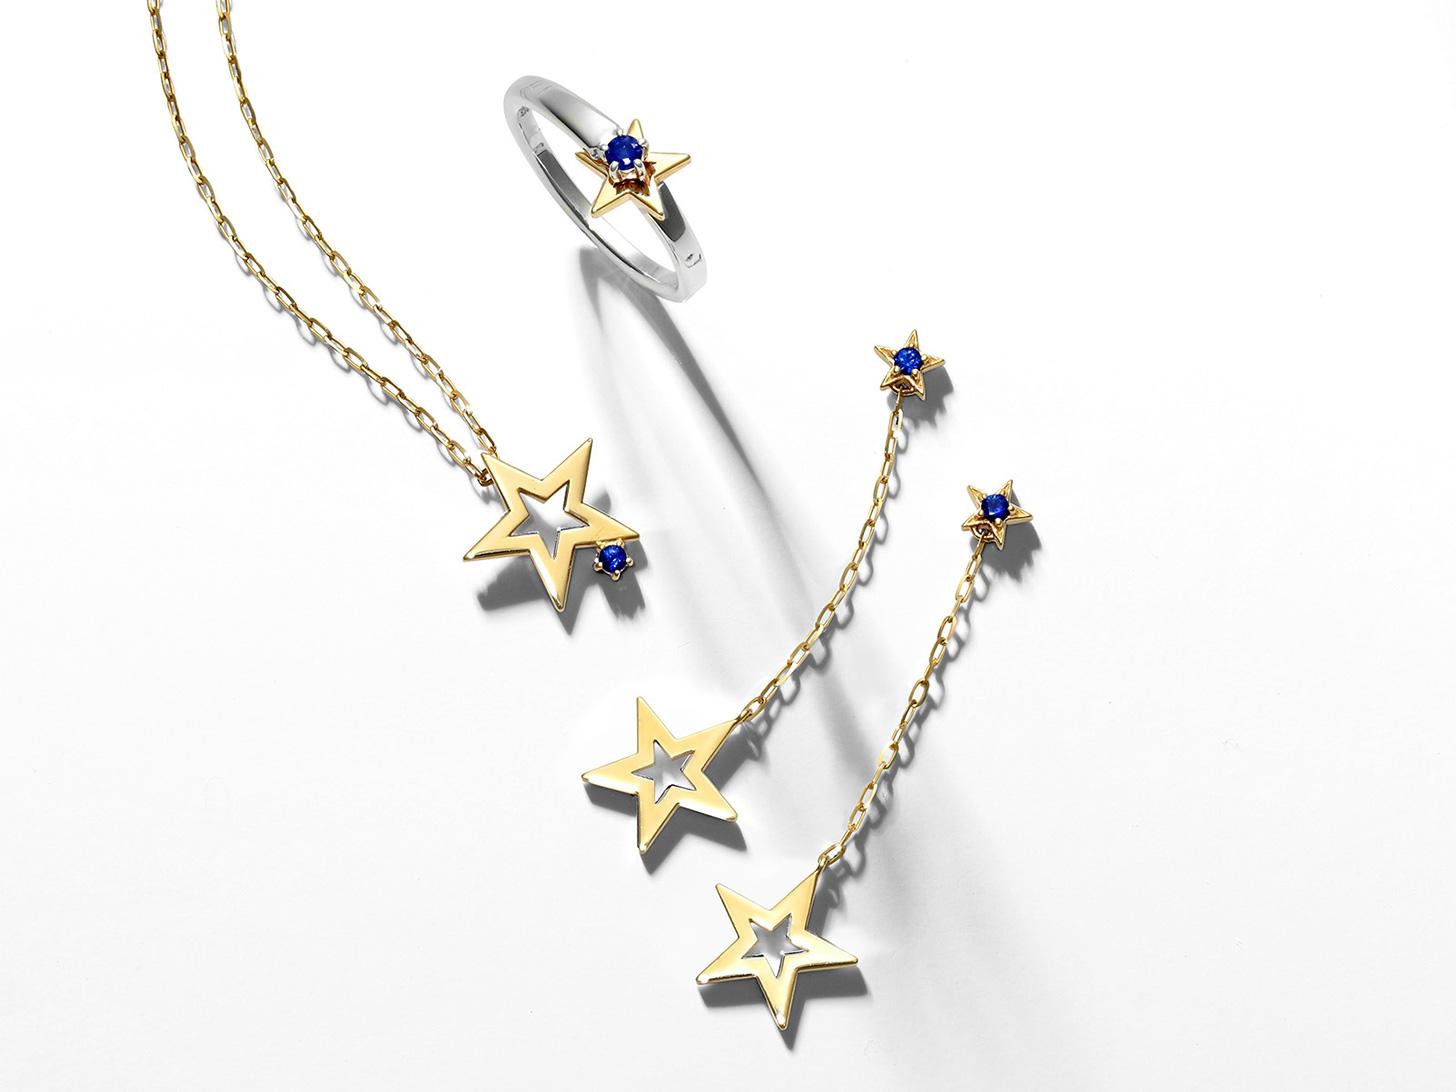 横浜DeNAベイスターズ、勝利のお守り「VICTORY STAR」を発売!スタージュエリーと初コラボ